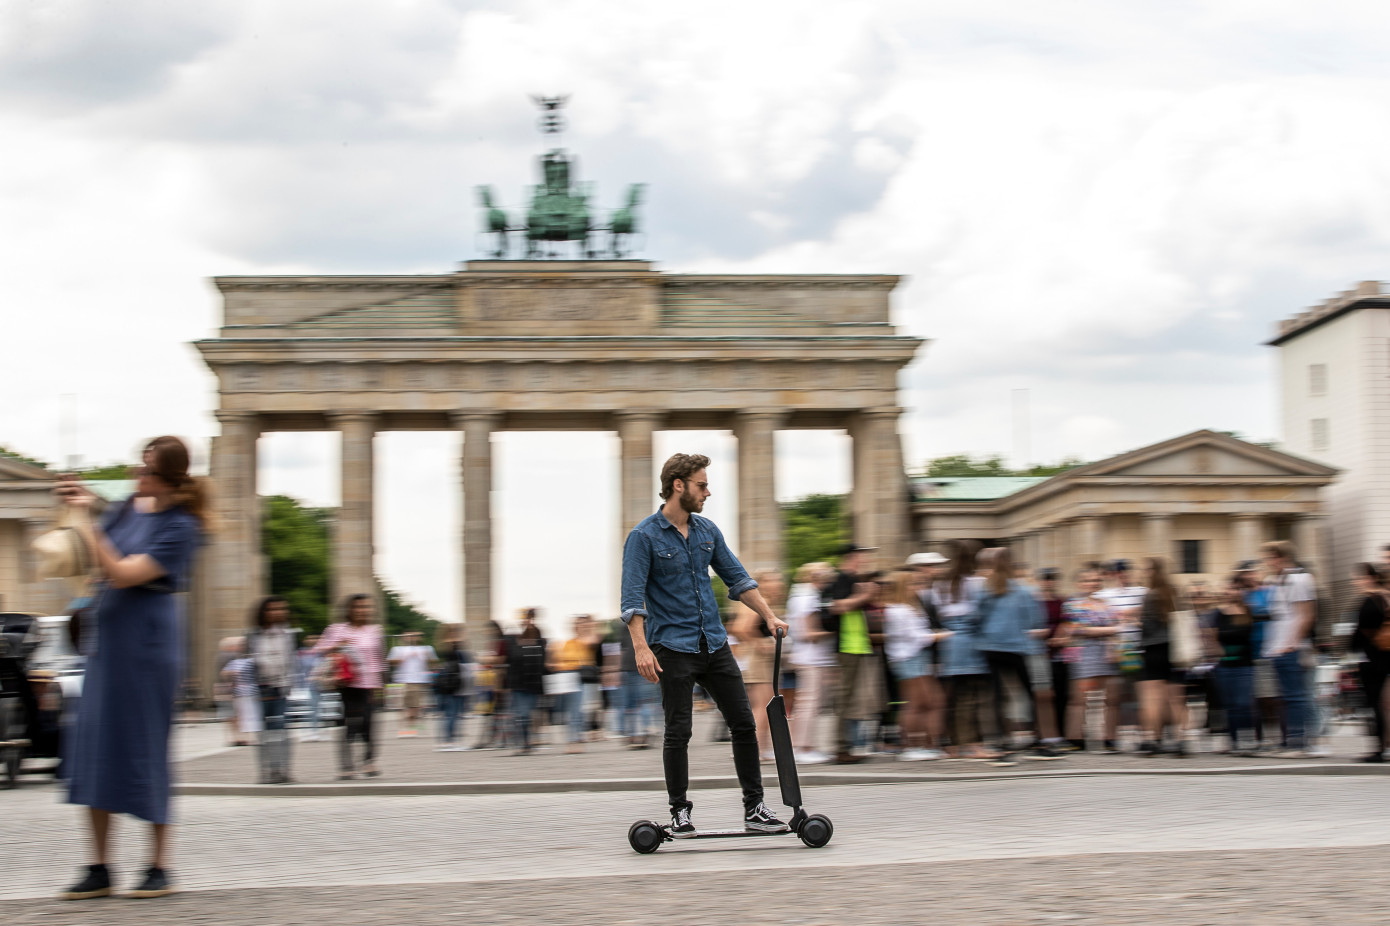 奥迪的新款踏板车可能实际上解决了滑板车的一个主要问题